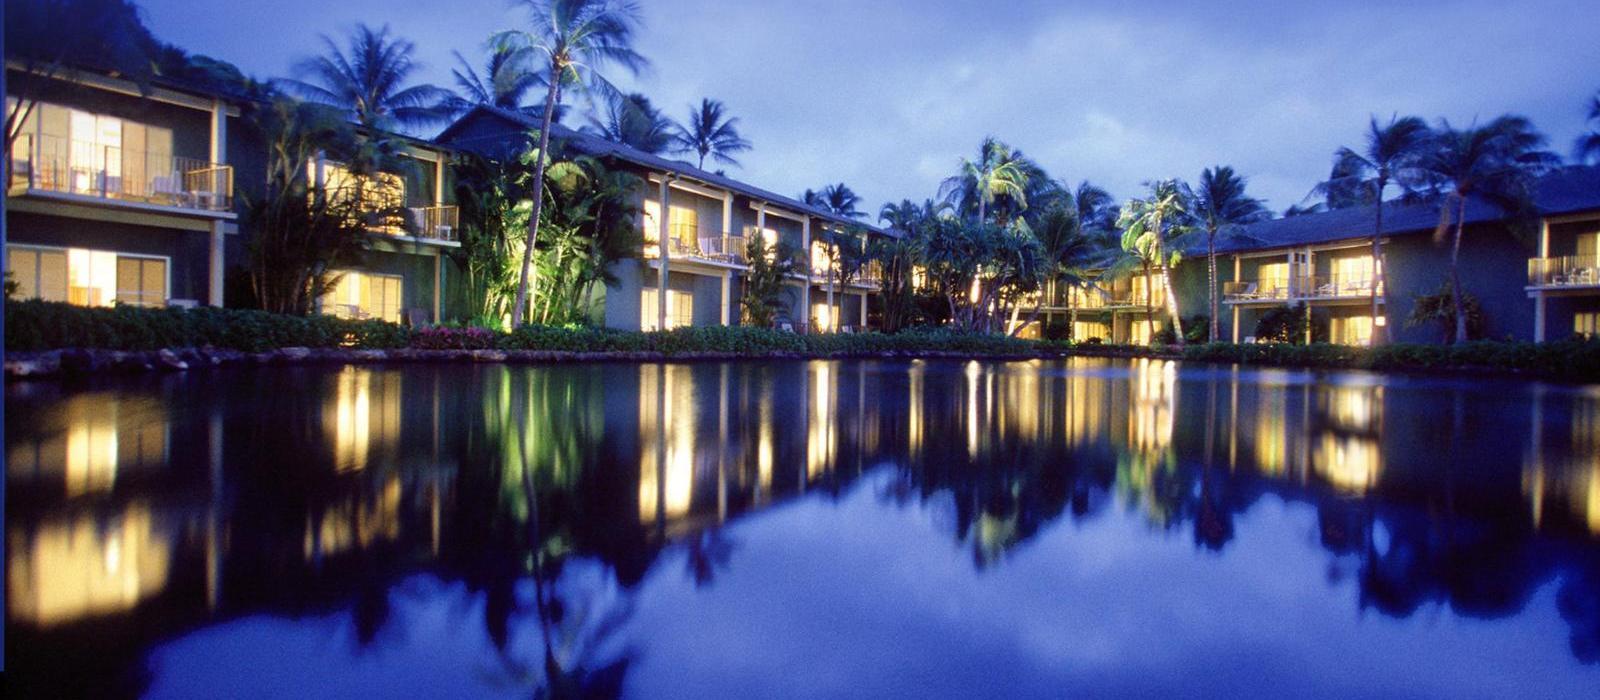 凯海兰度假村酒店(The Kahala Hotel & Resort) 图片  www.lhw.cn